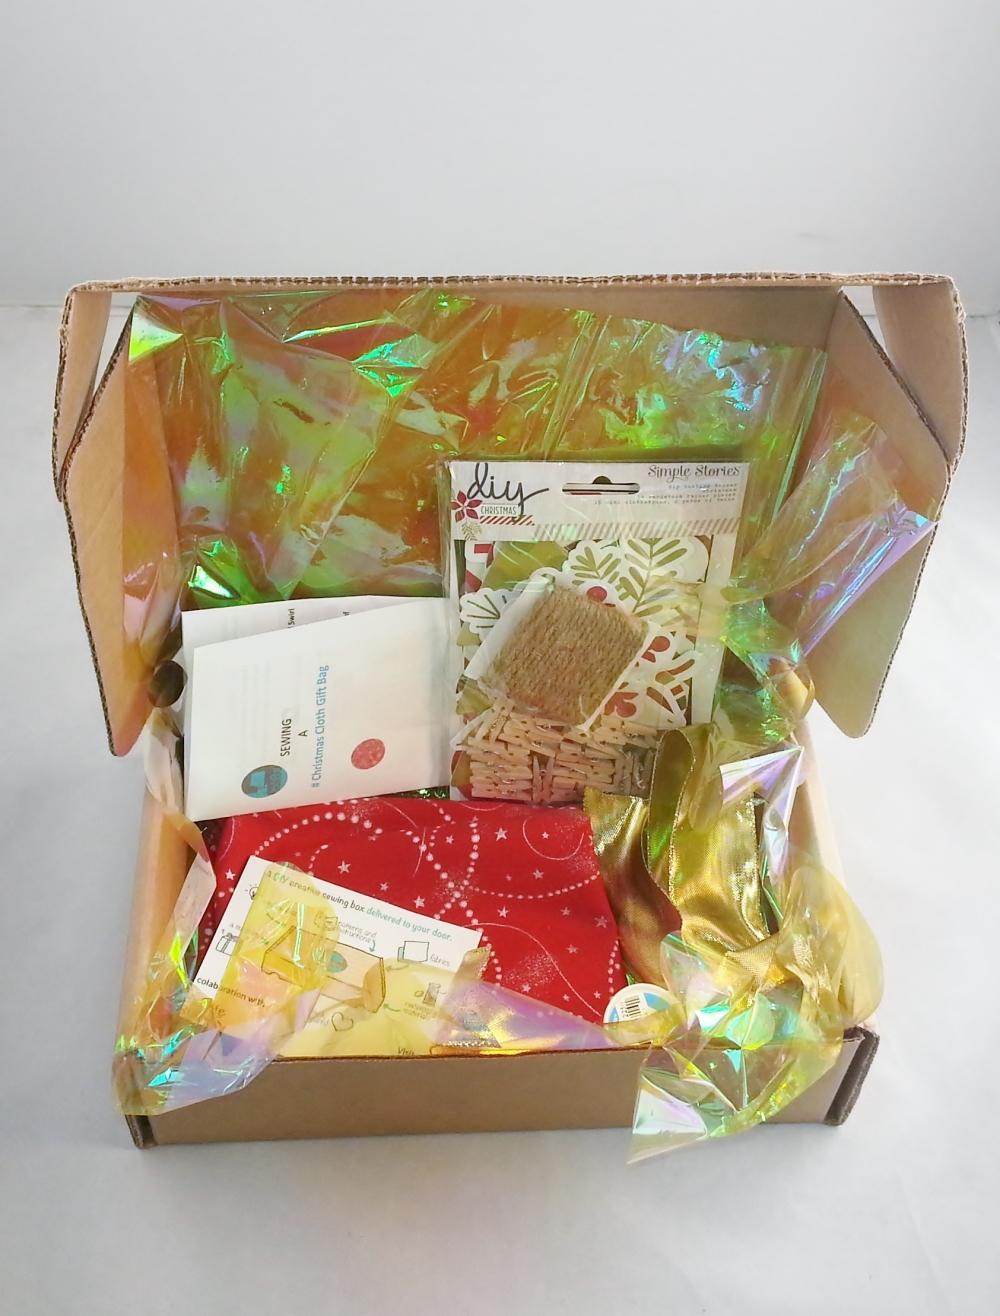 LaCartera -Textilbox contents